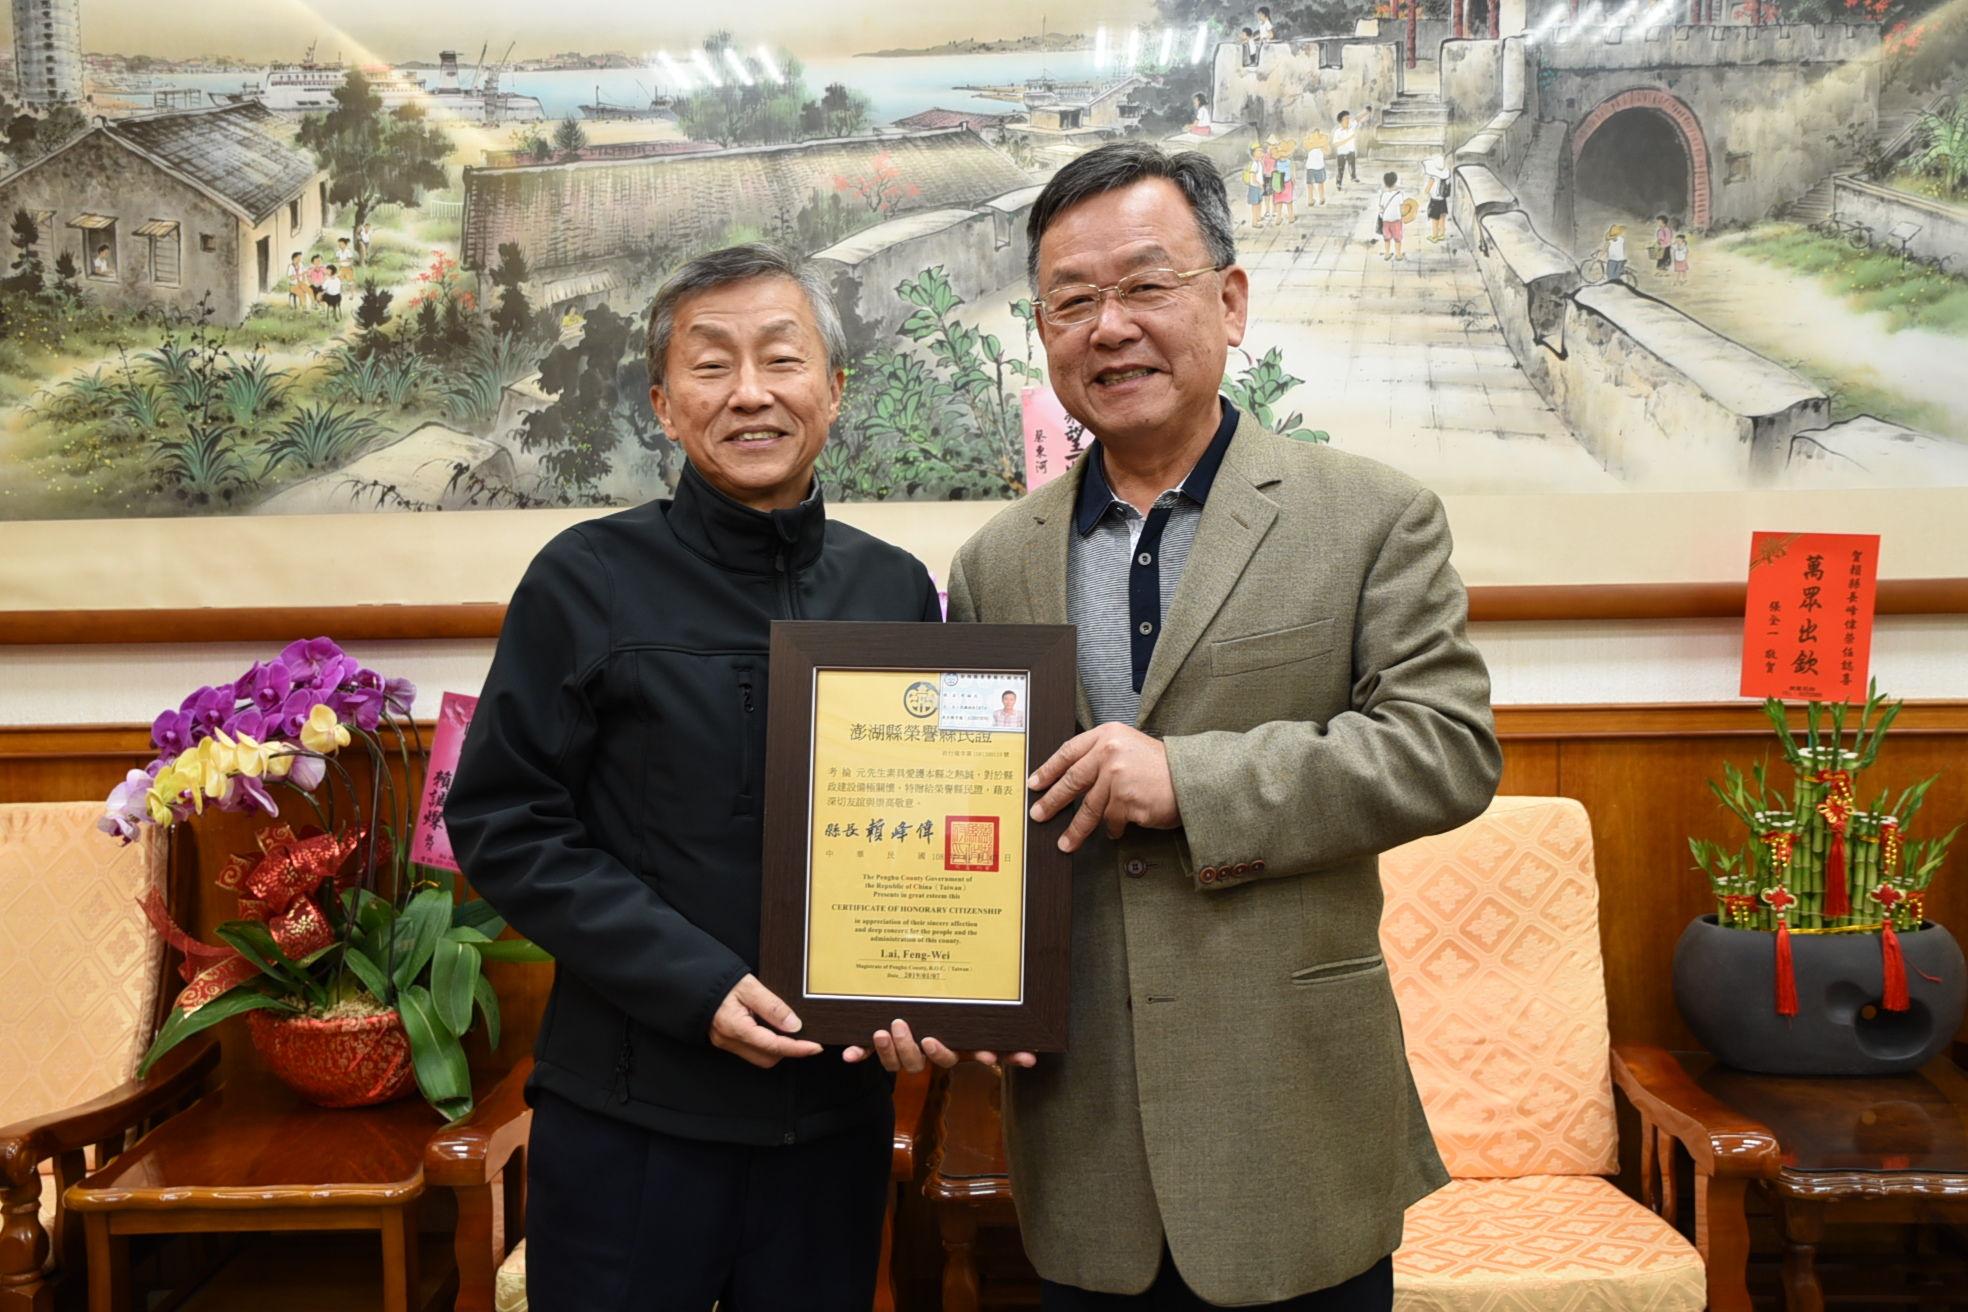 賴峰偉頒發榮譽縣民證